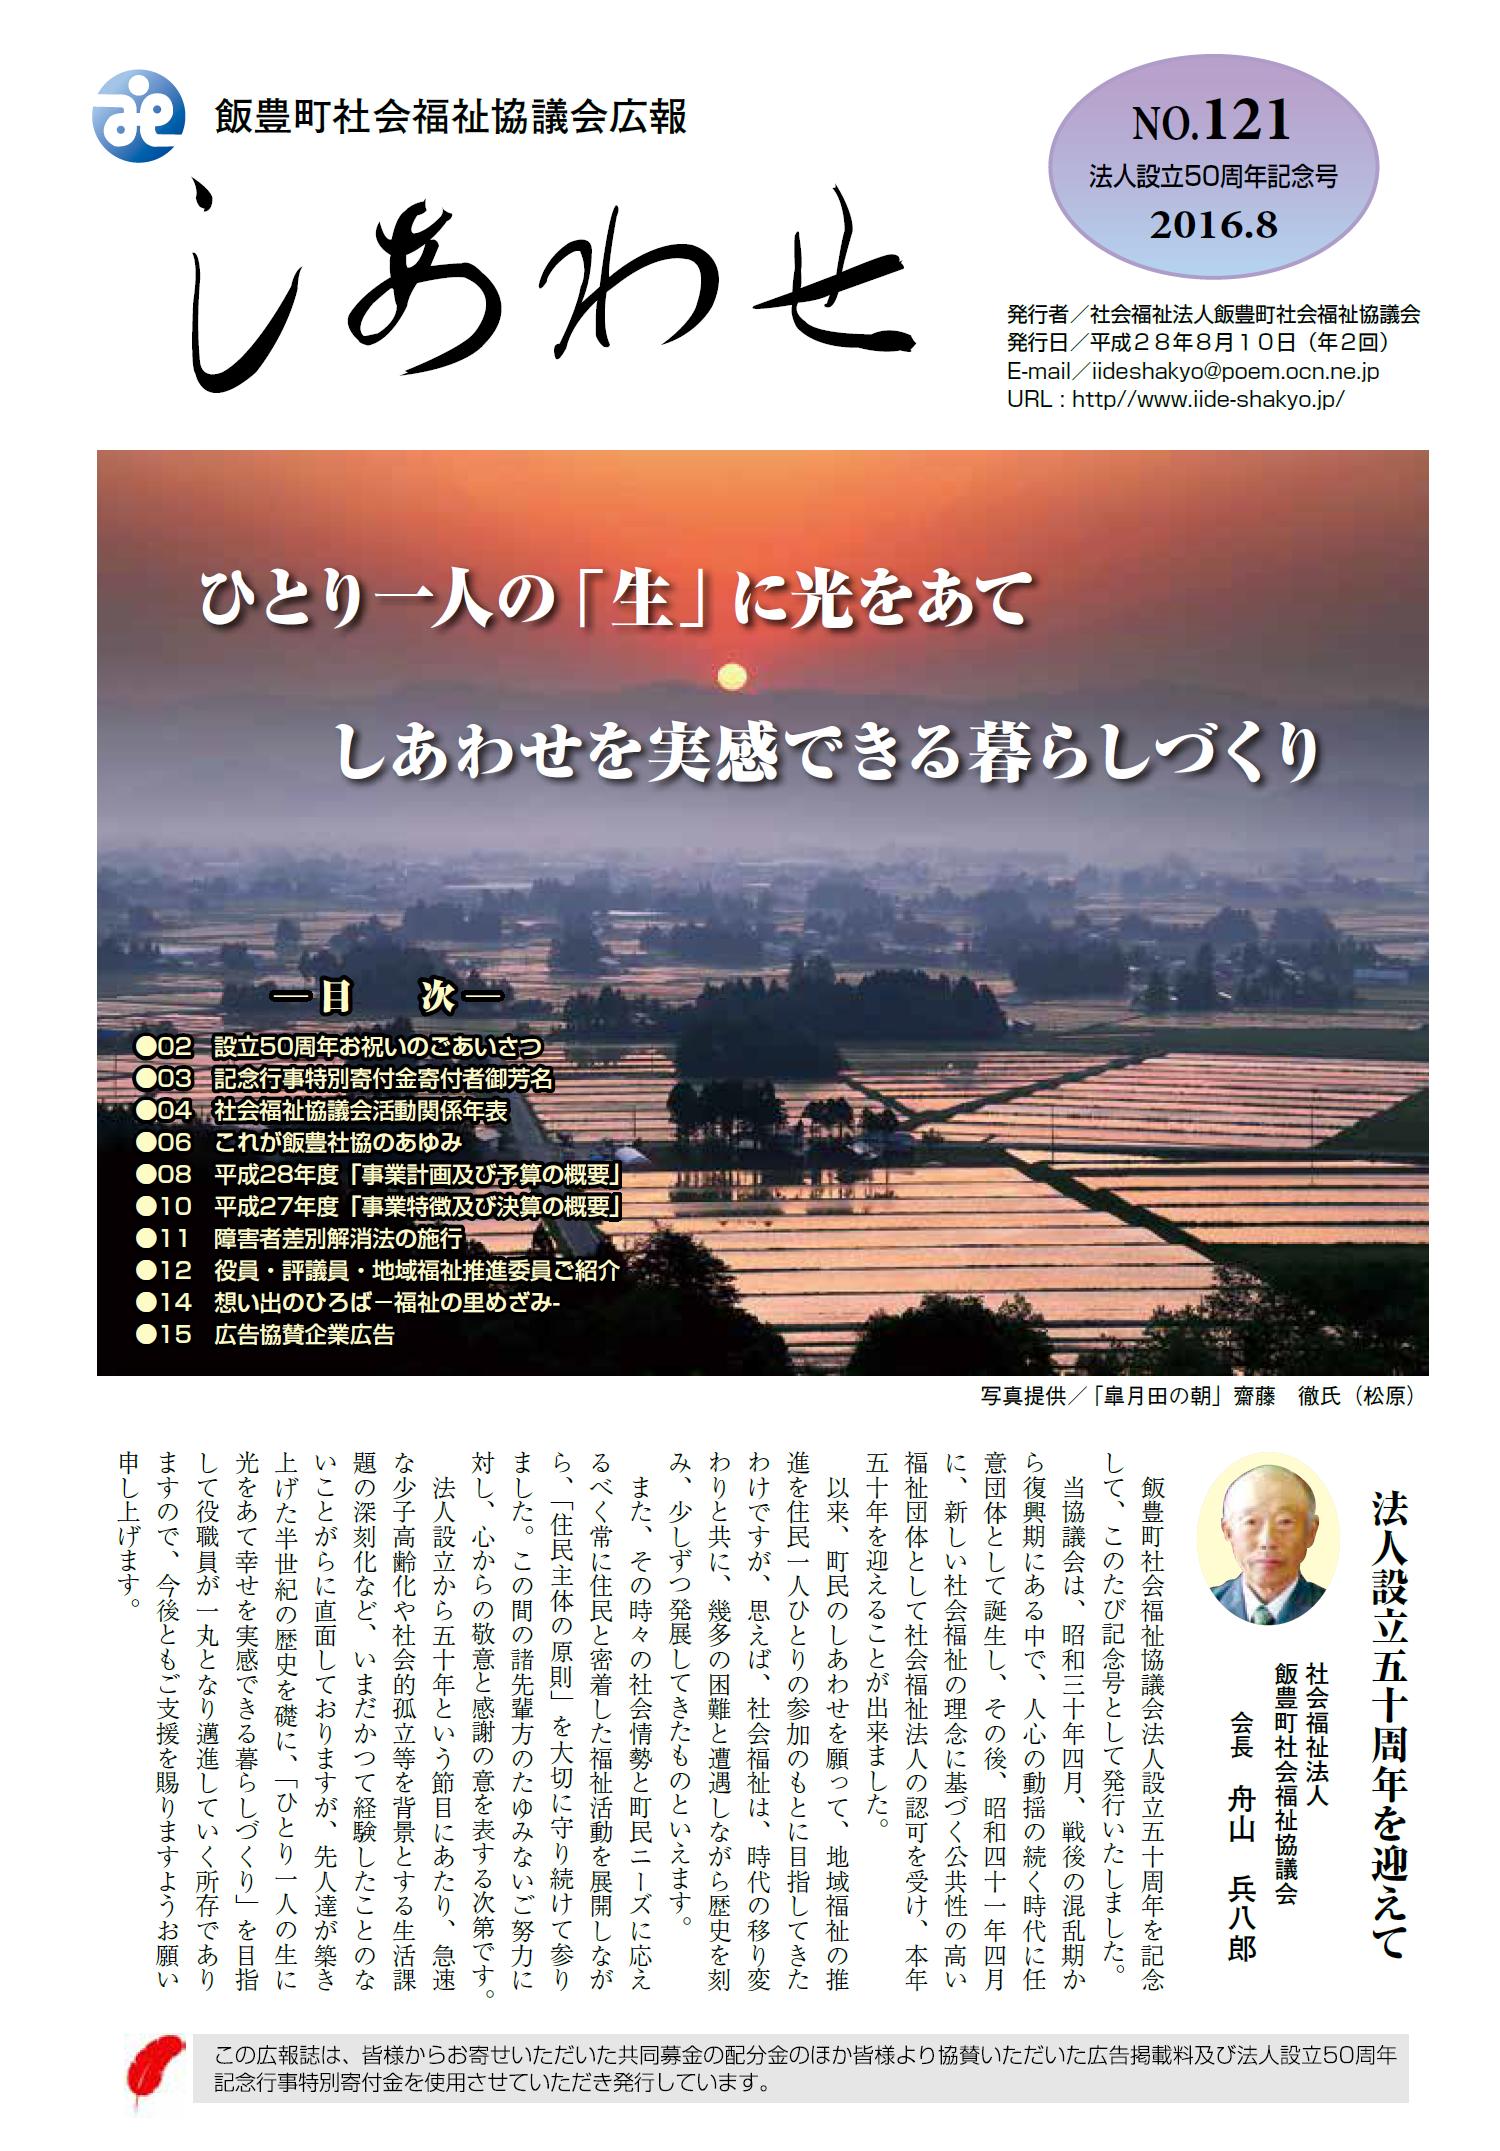 【お知らせ】機関誌「しあわせ」121号を発行しました:画像